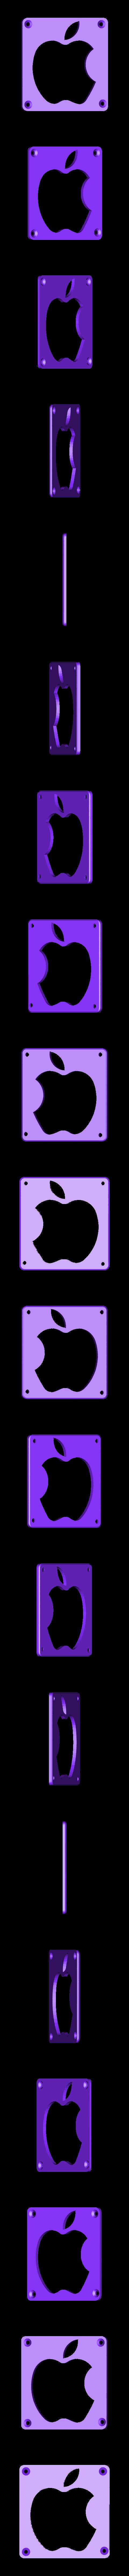 Apple_Plate.STL Télécharger fichier STL gratuit Lampe de nuit / Lampe de nuit à DEL avec logo Apple • Plan pour imprimante 3D, Balkhagal4D